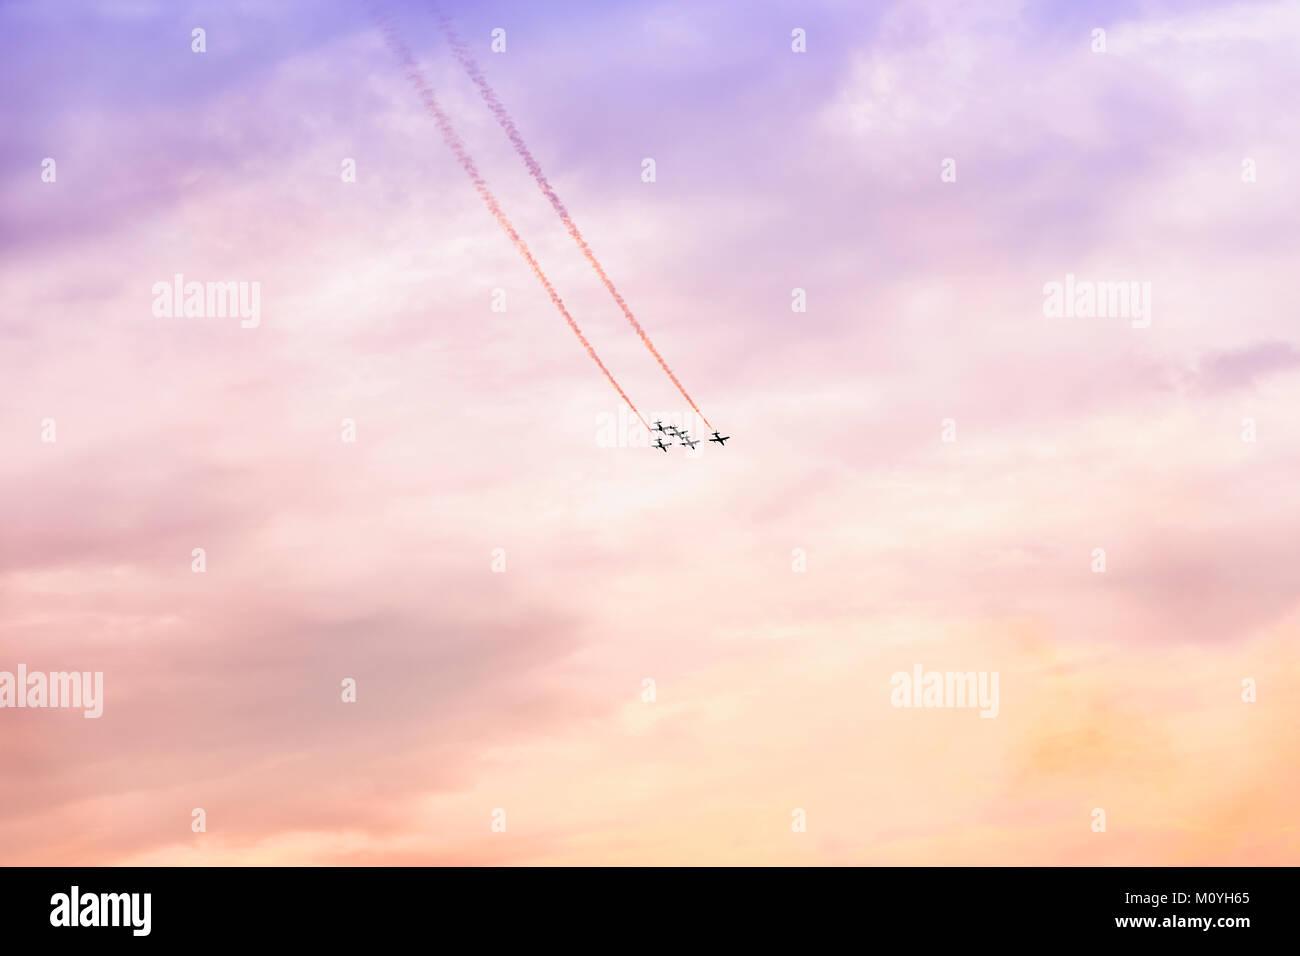 Gruppo di aeromobili battenti al tramonto. Prestazioni esaltanti. Prestazioni aria, air show, aeromobili battenti Immagini Stock